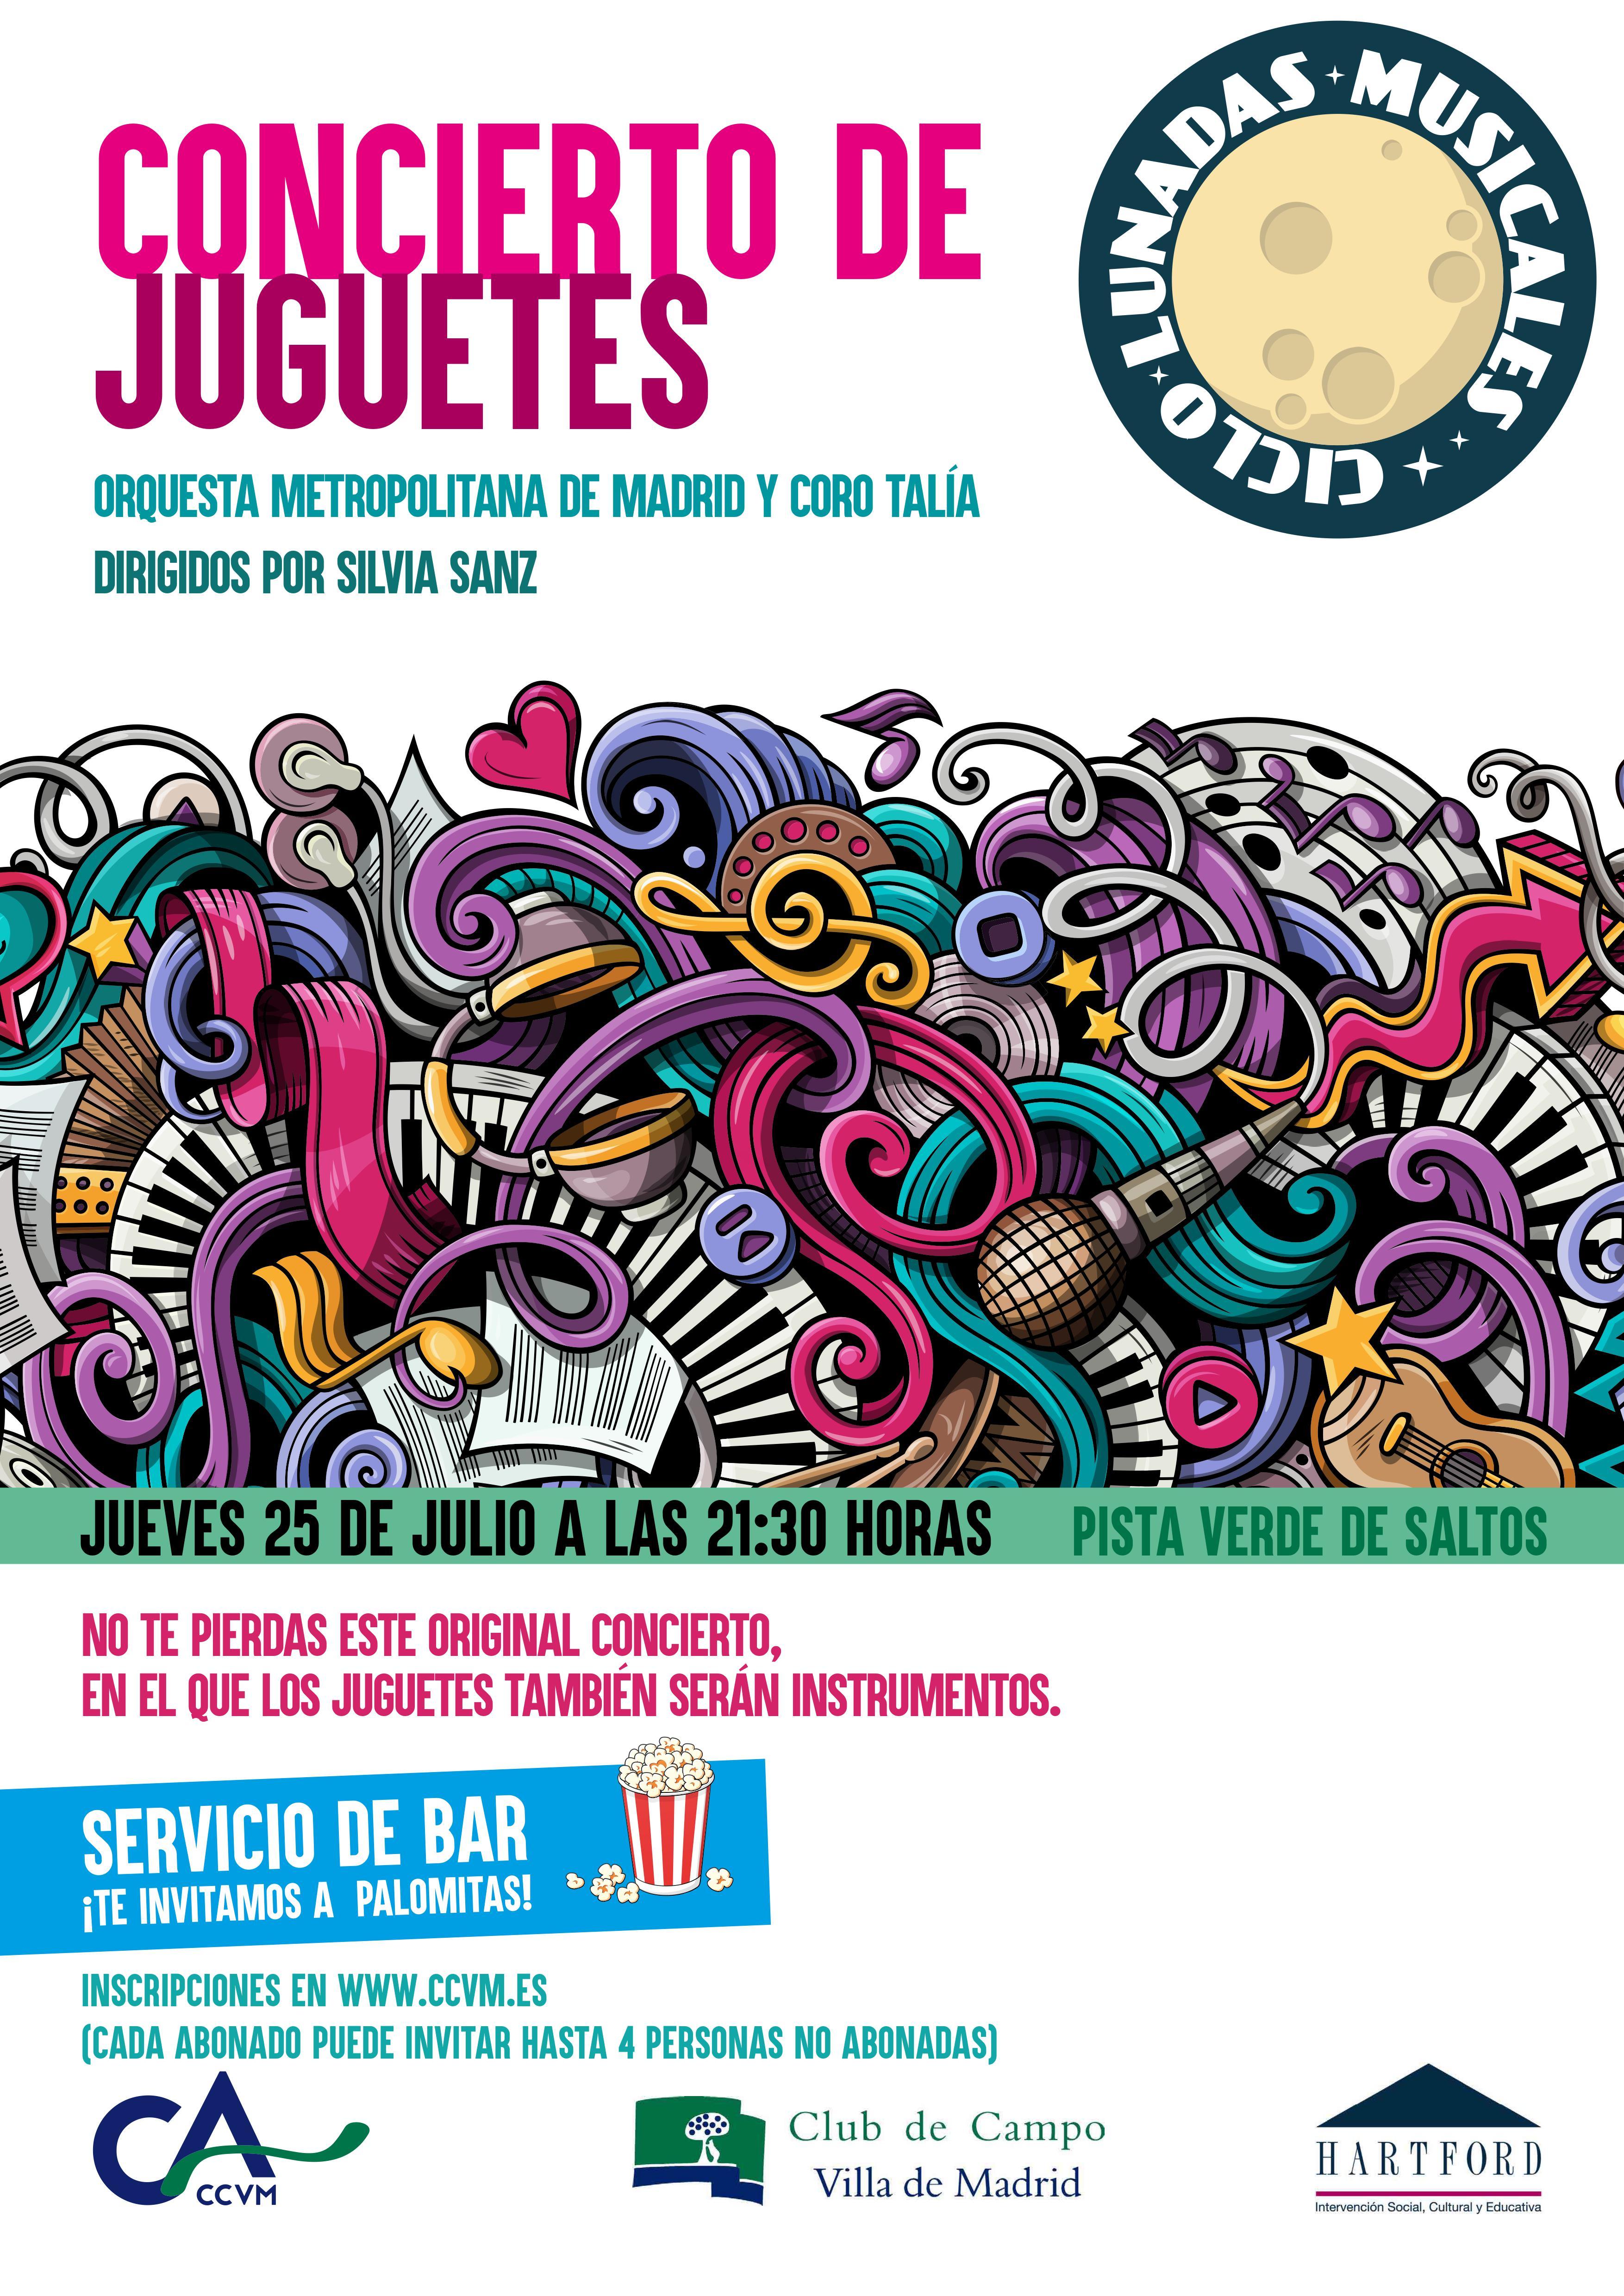 Cartel Concierto de Juguetes 2019